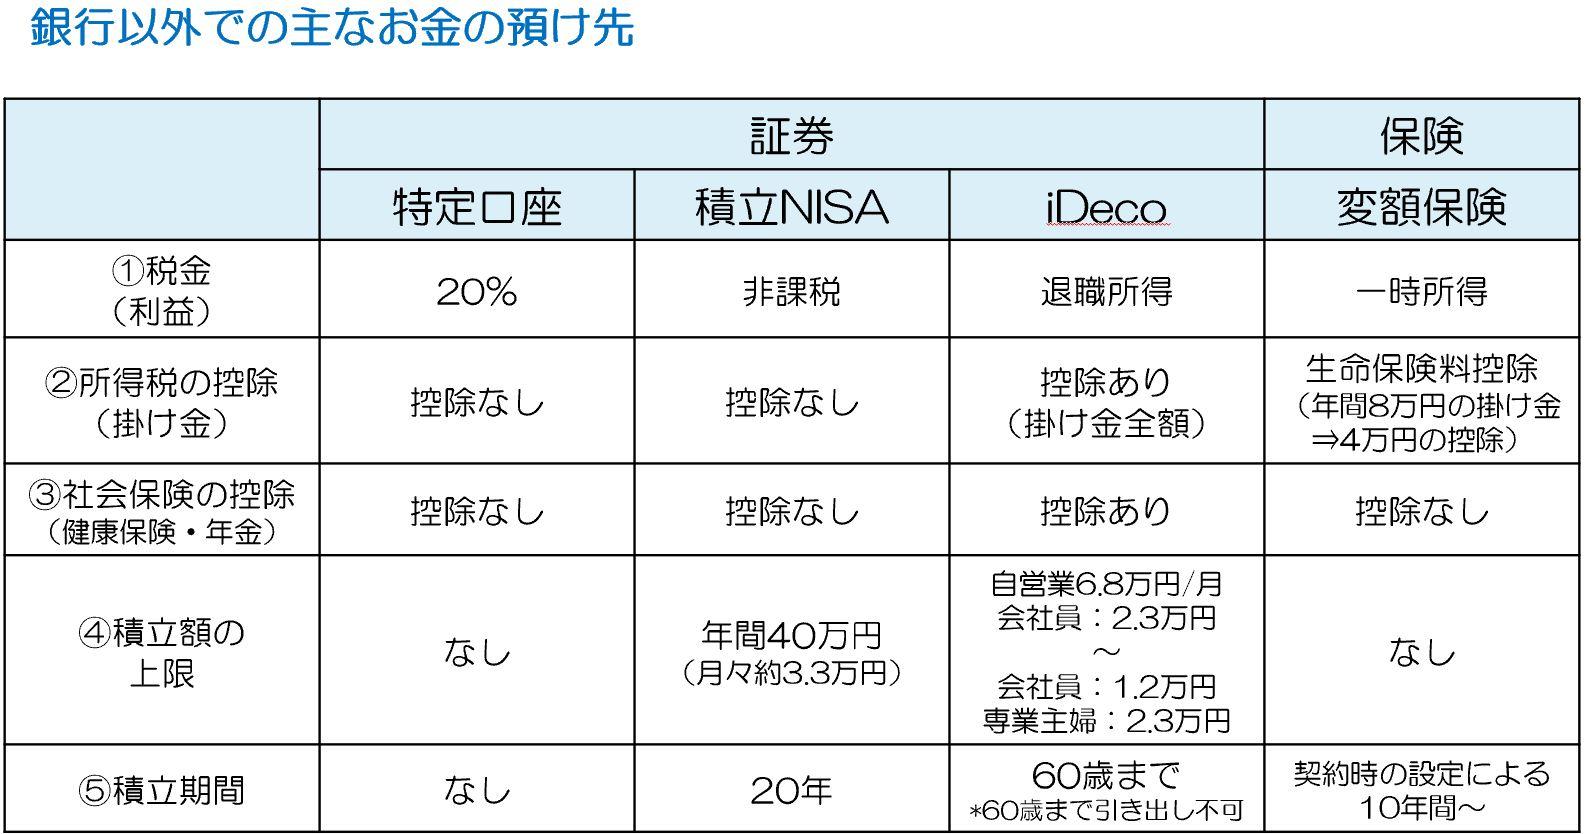 イデコ、積立NISA、保険の比較